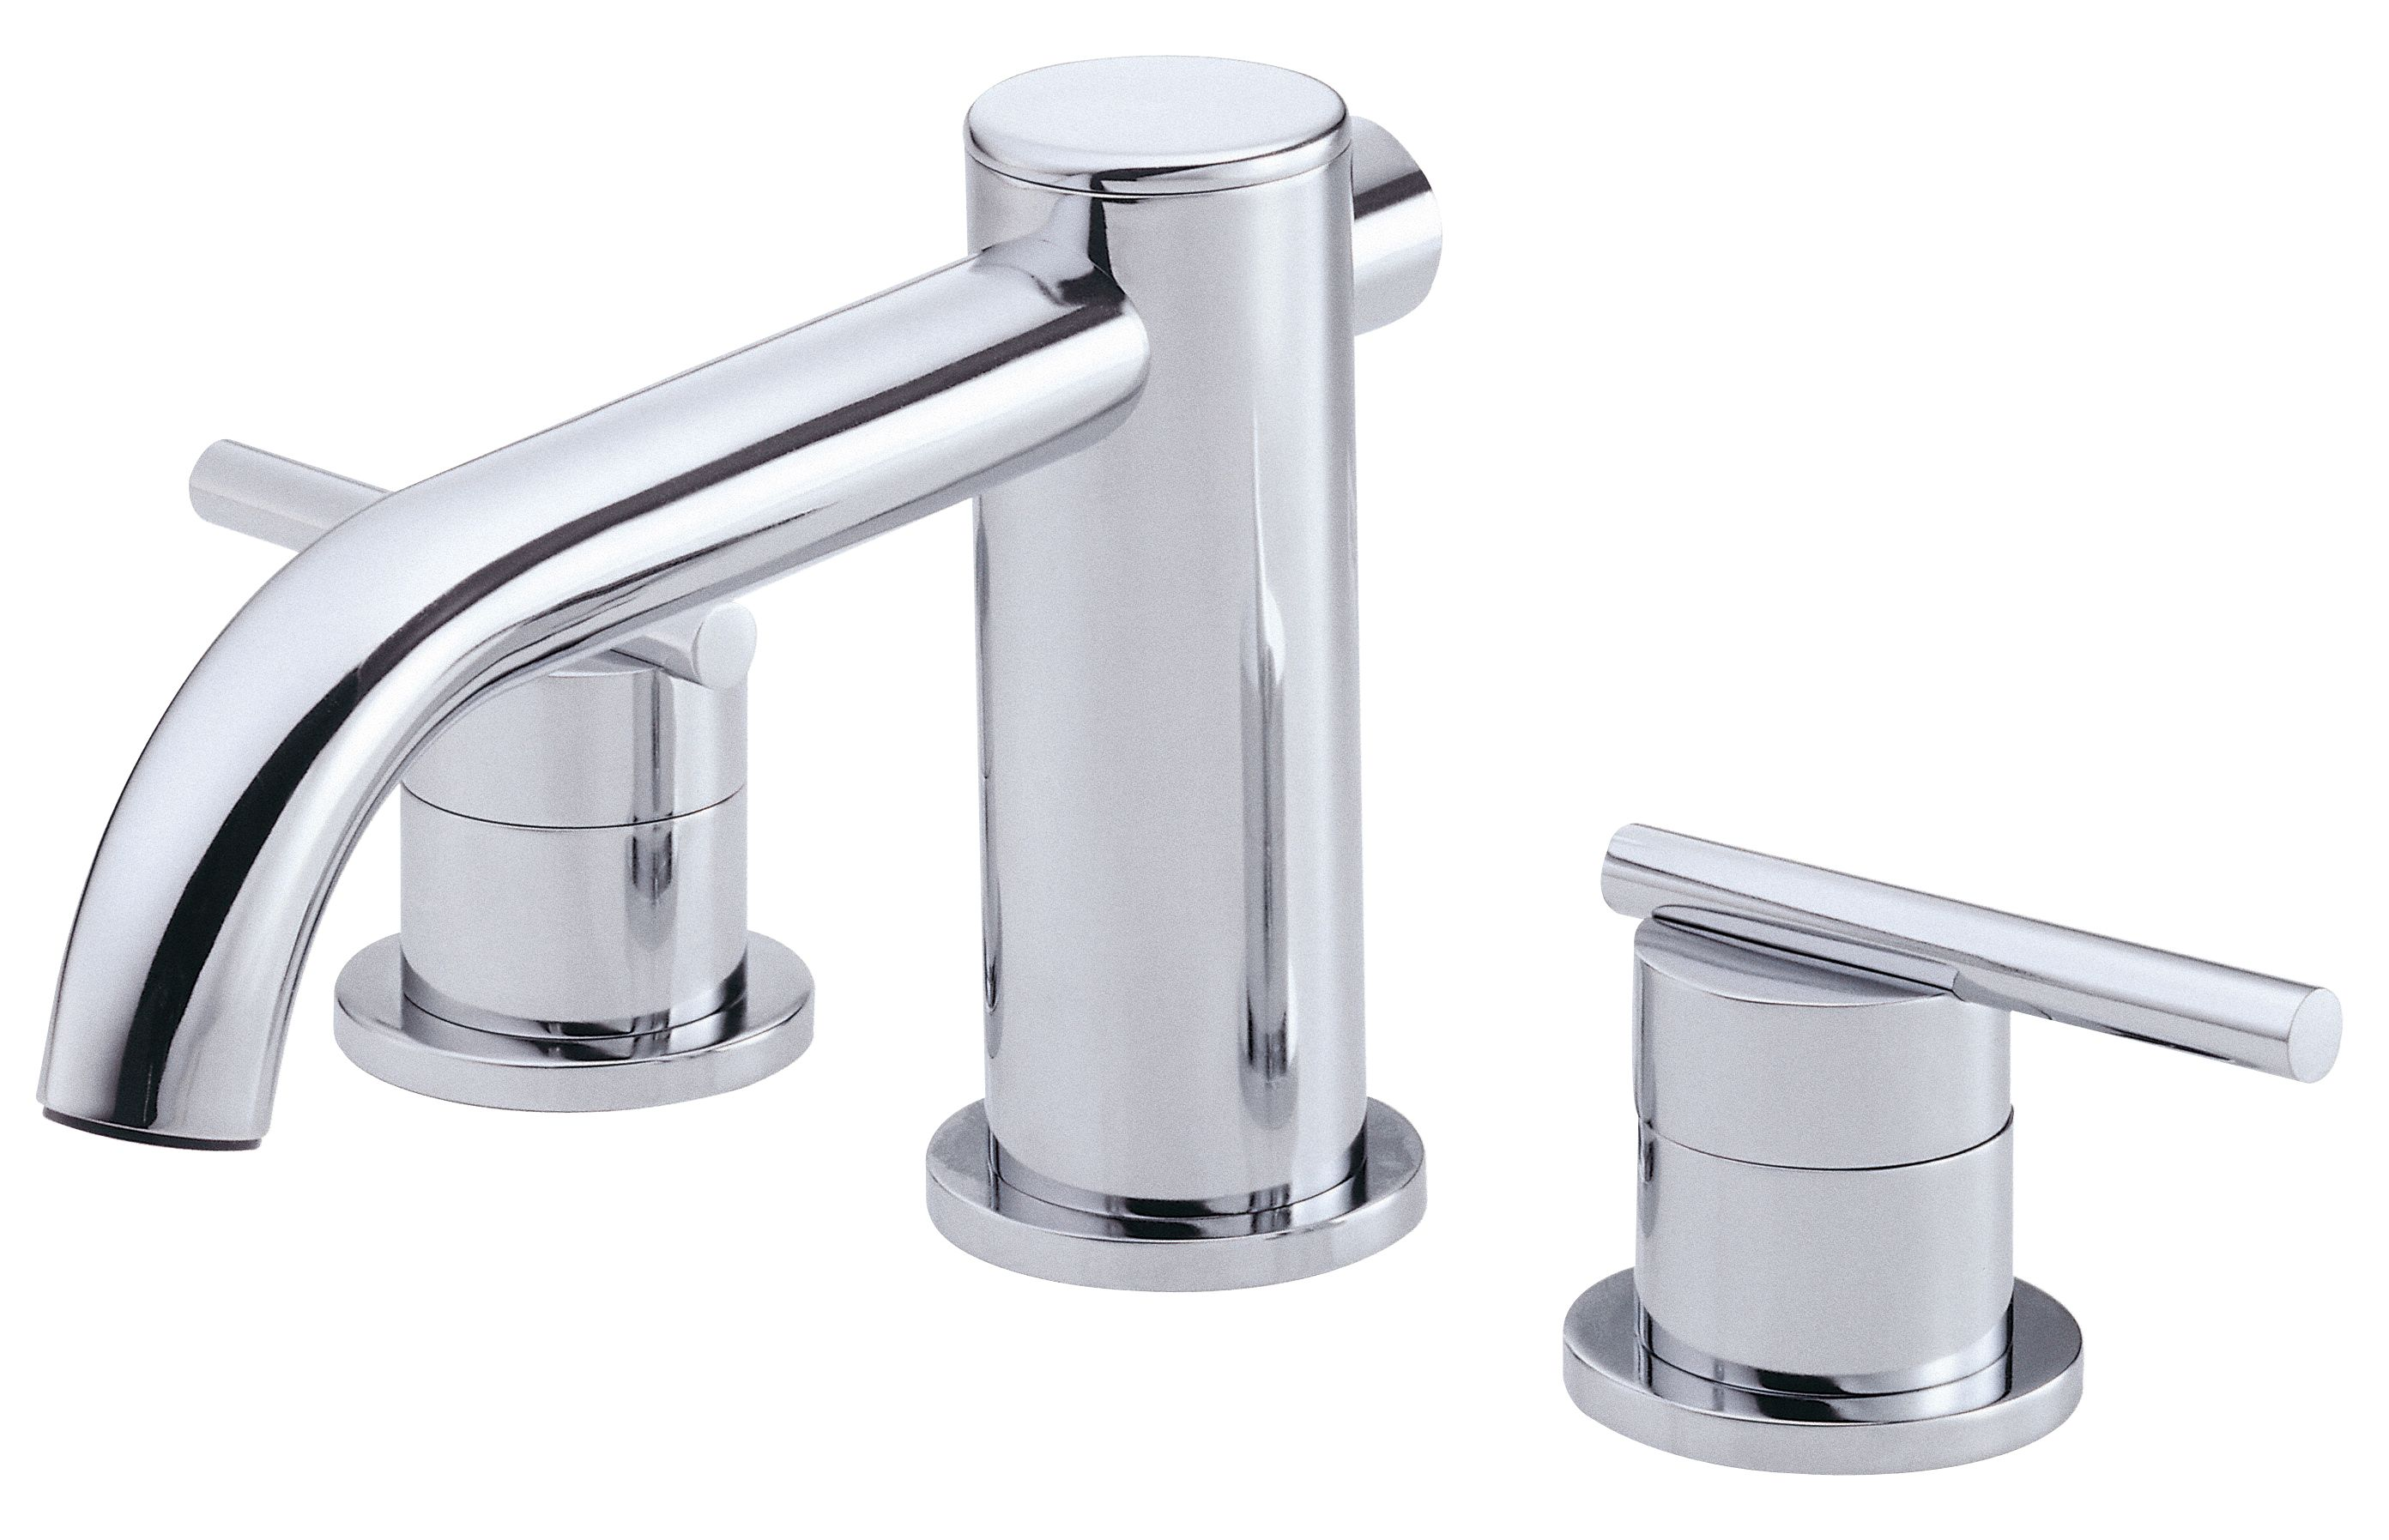 Danze Bathroom Faucet: Danze D305658T Parma Roman Tub Faucet Trim Kit, Chrome